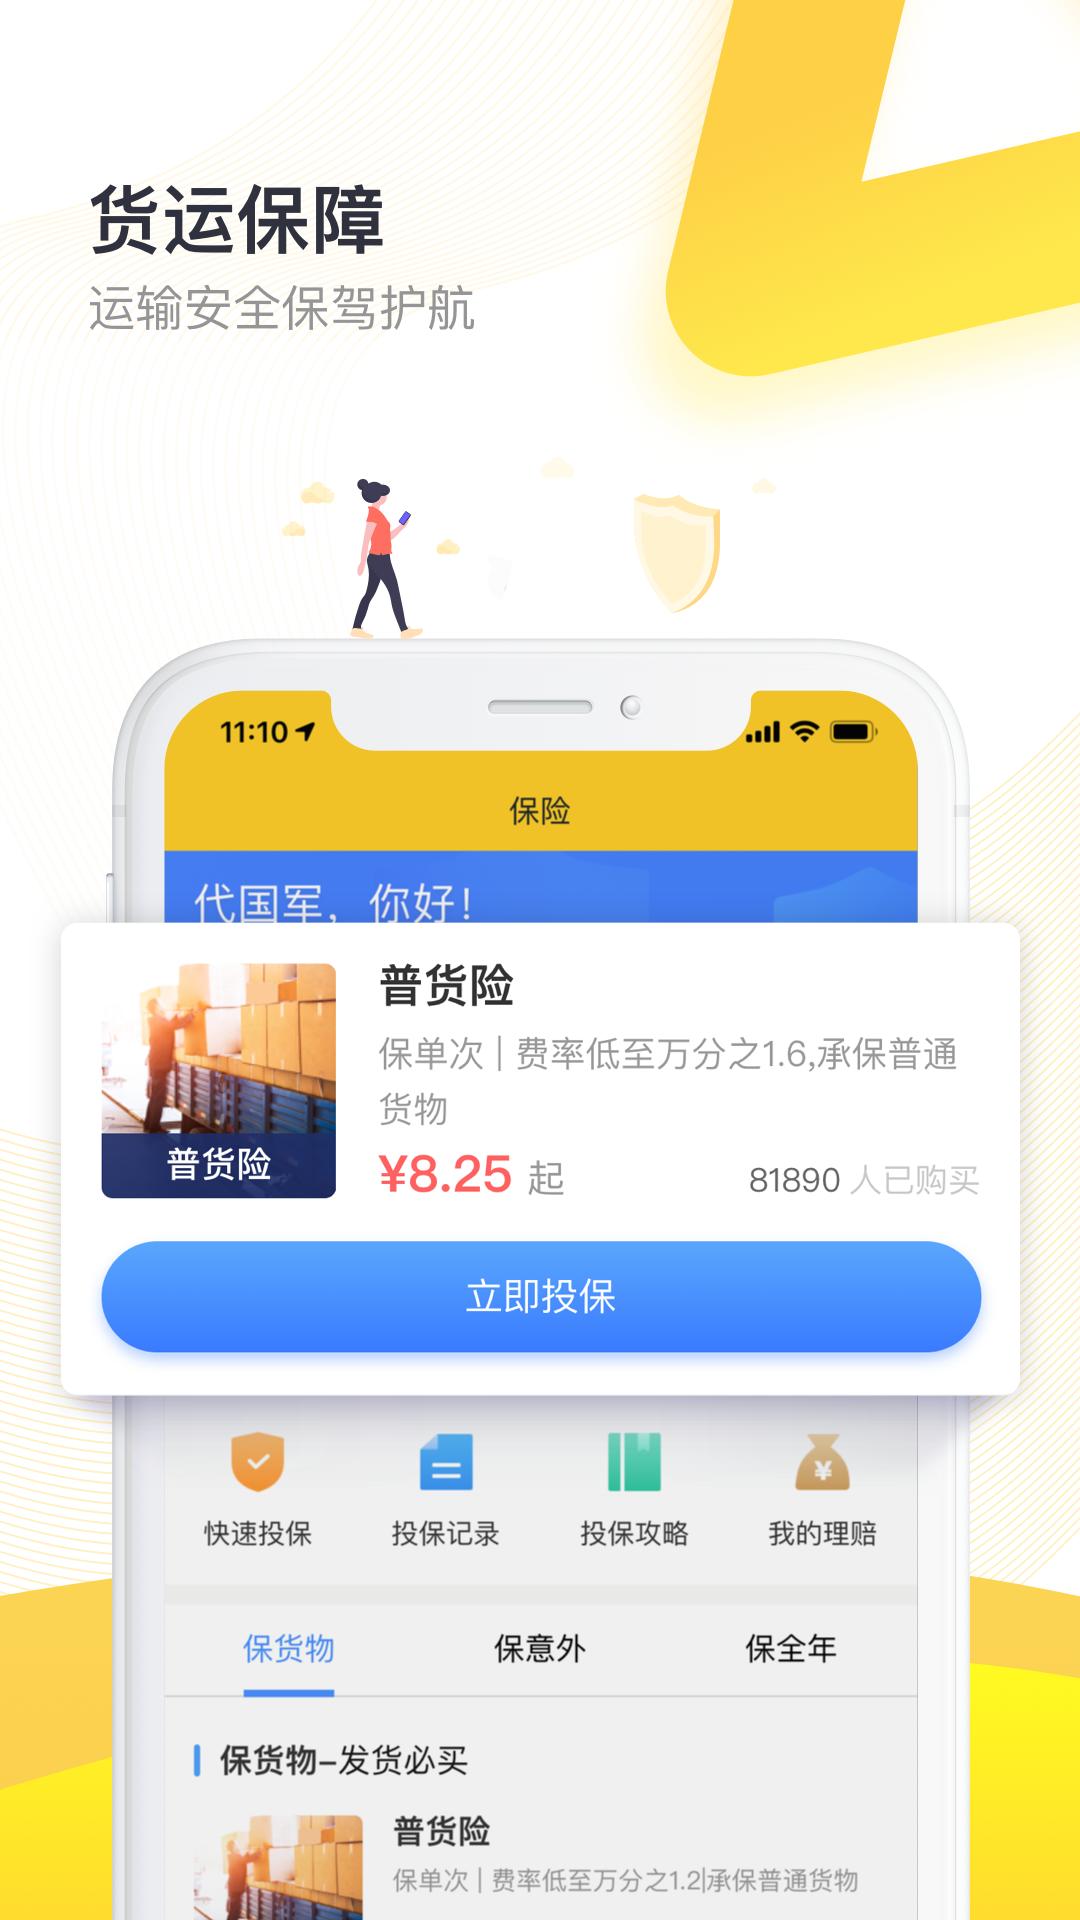 什么是待发货截图_货车帮货主下载2019安卓最新版_手机app官方版免费安装下载_豌豆荚